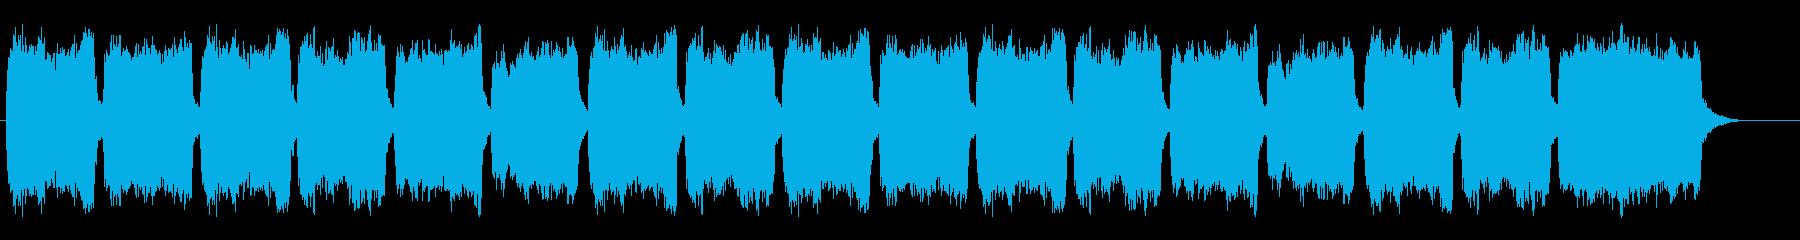 合唱とオルガン、賛美歌312番、結婚式にの再生済みの波形